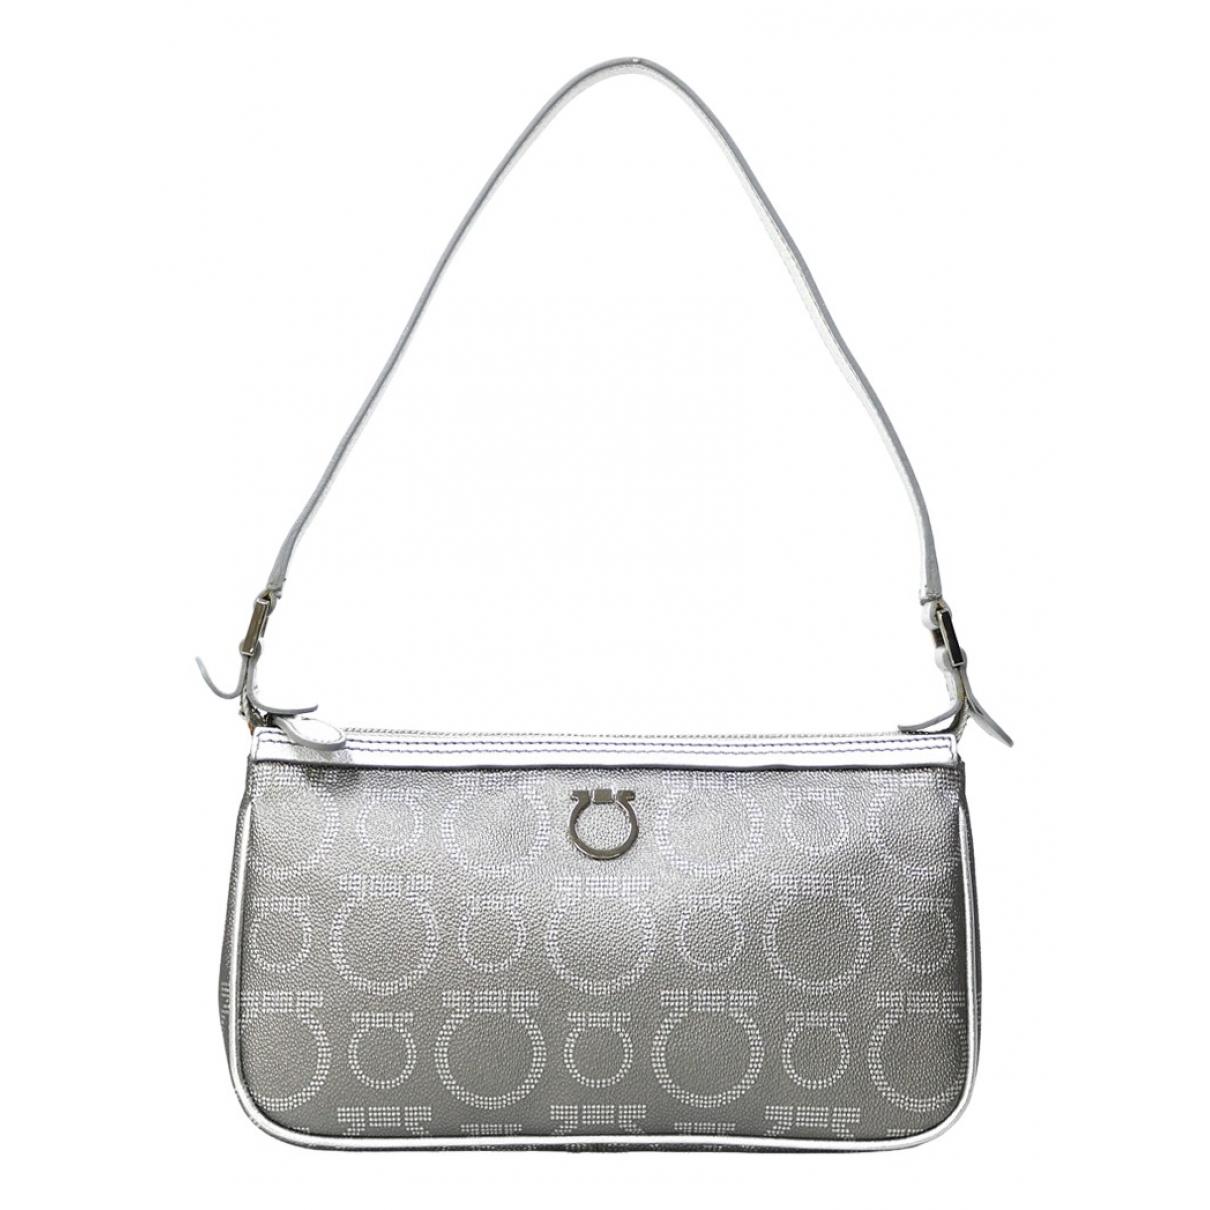 Salvatore Ferragamo \N Grey Cloth handbag for Women \N